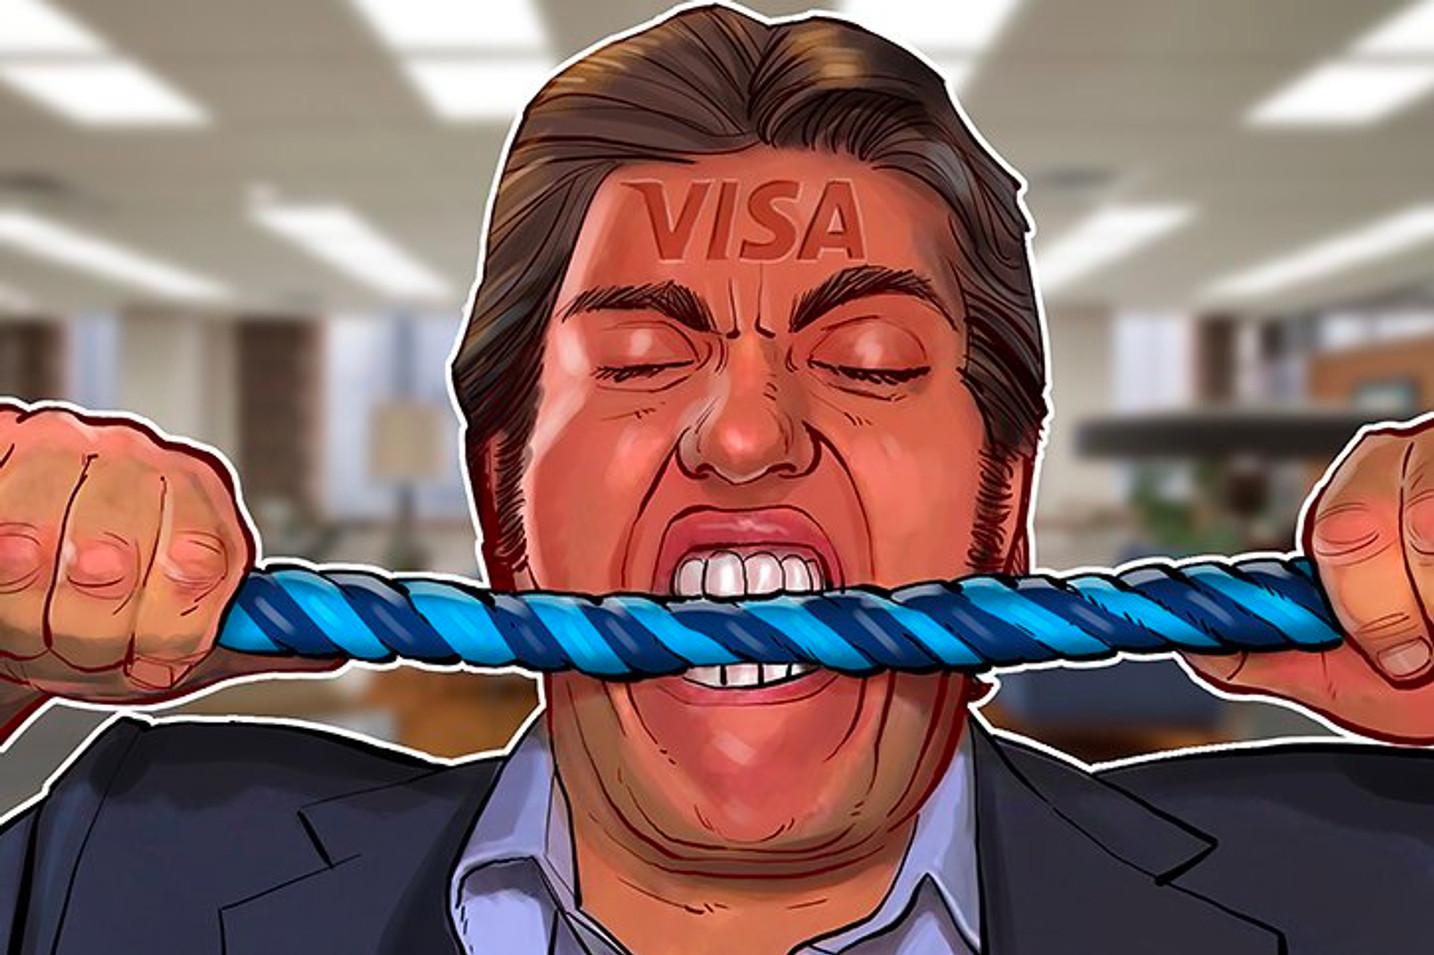 Visa suspende estatus WaveCrest, cancelando algunas tarjetas de crédito cripto